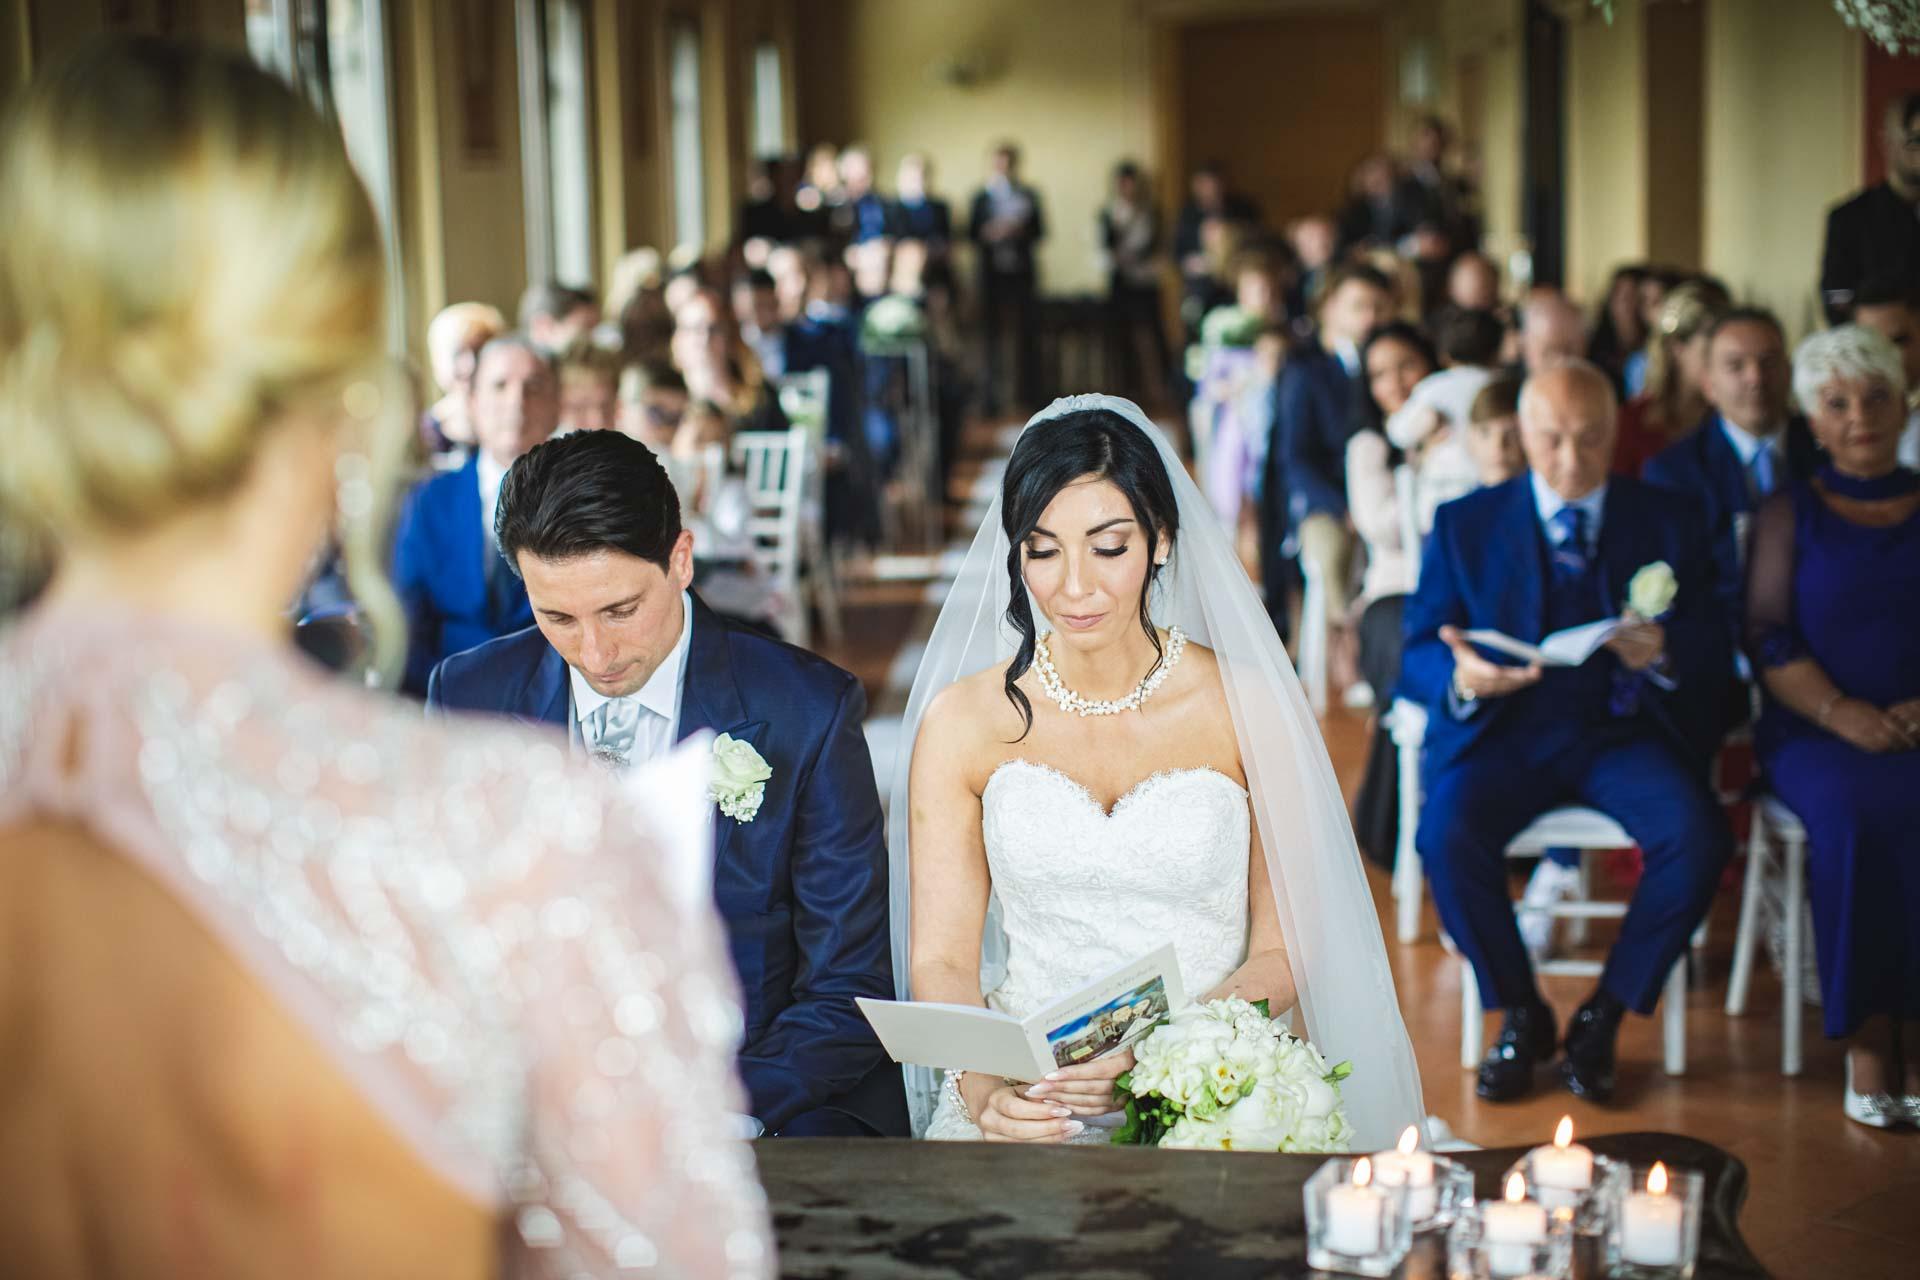 sposi matrimonio celebrazione invitati